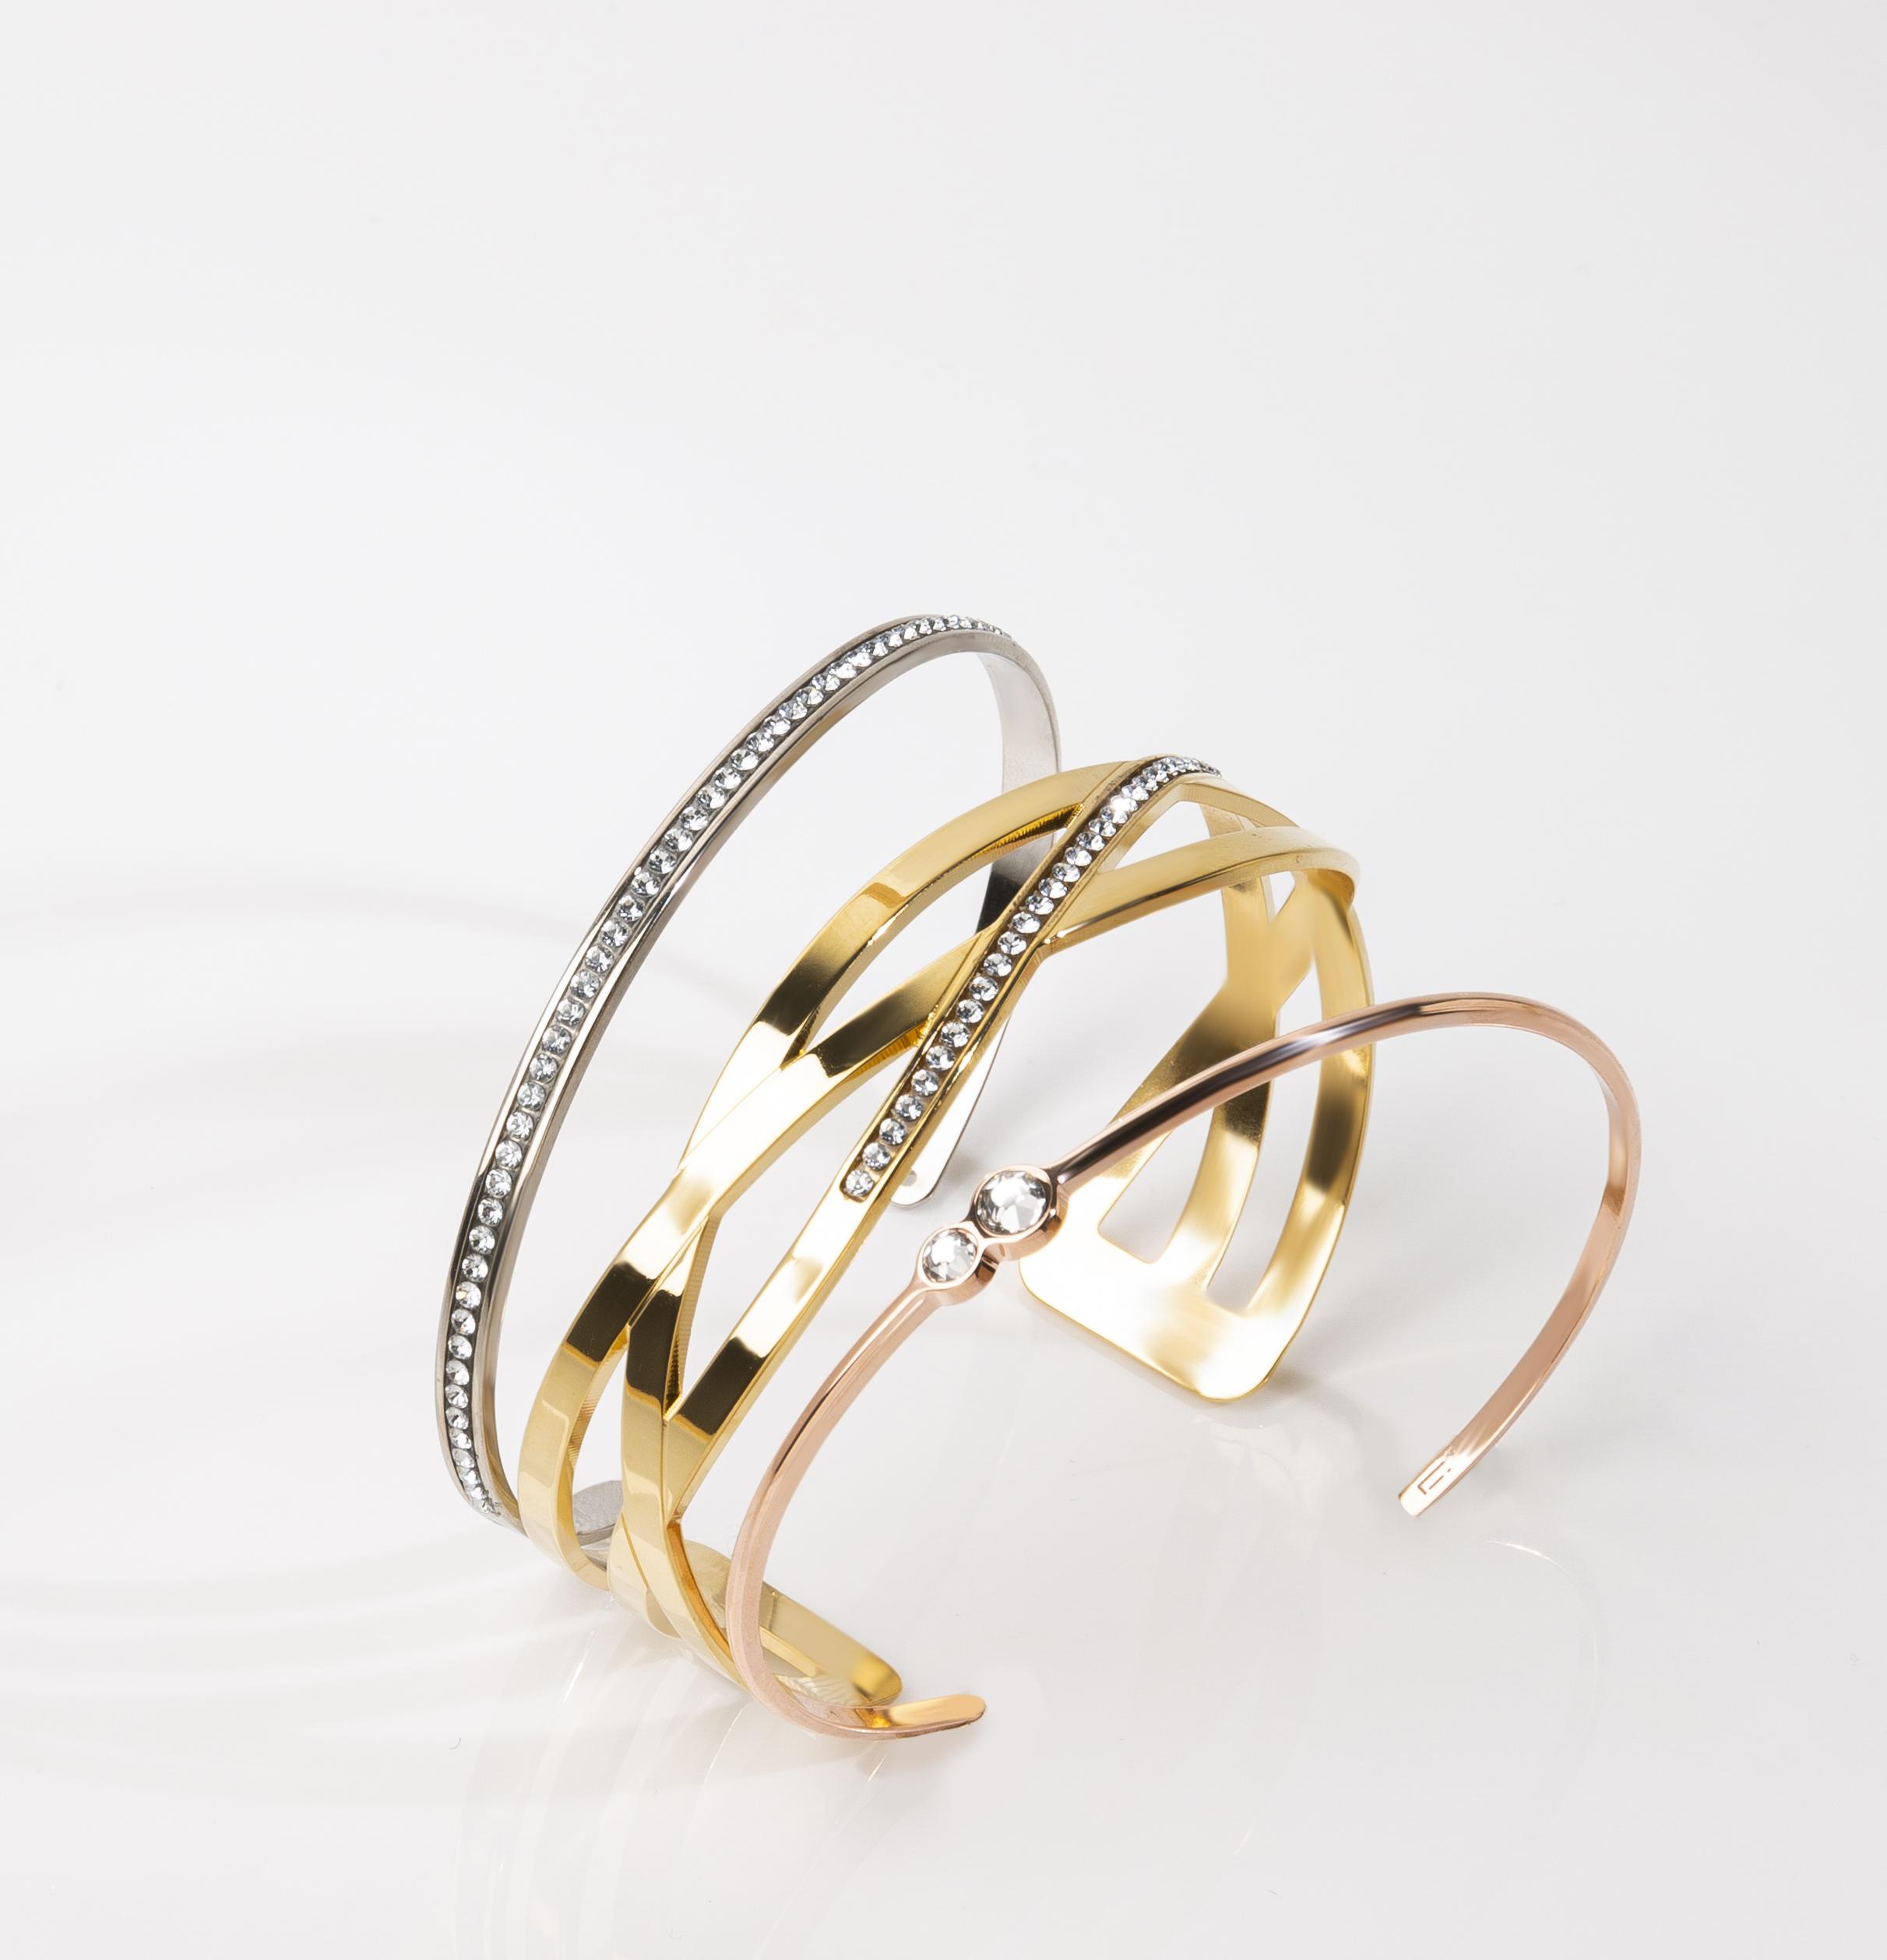 Braclets joncs pour femme ornés de cristaux de luxe